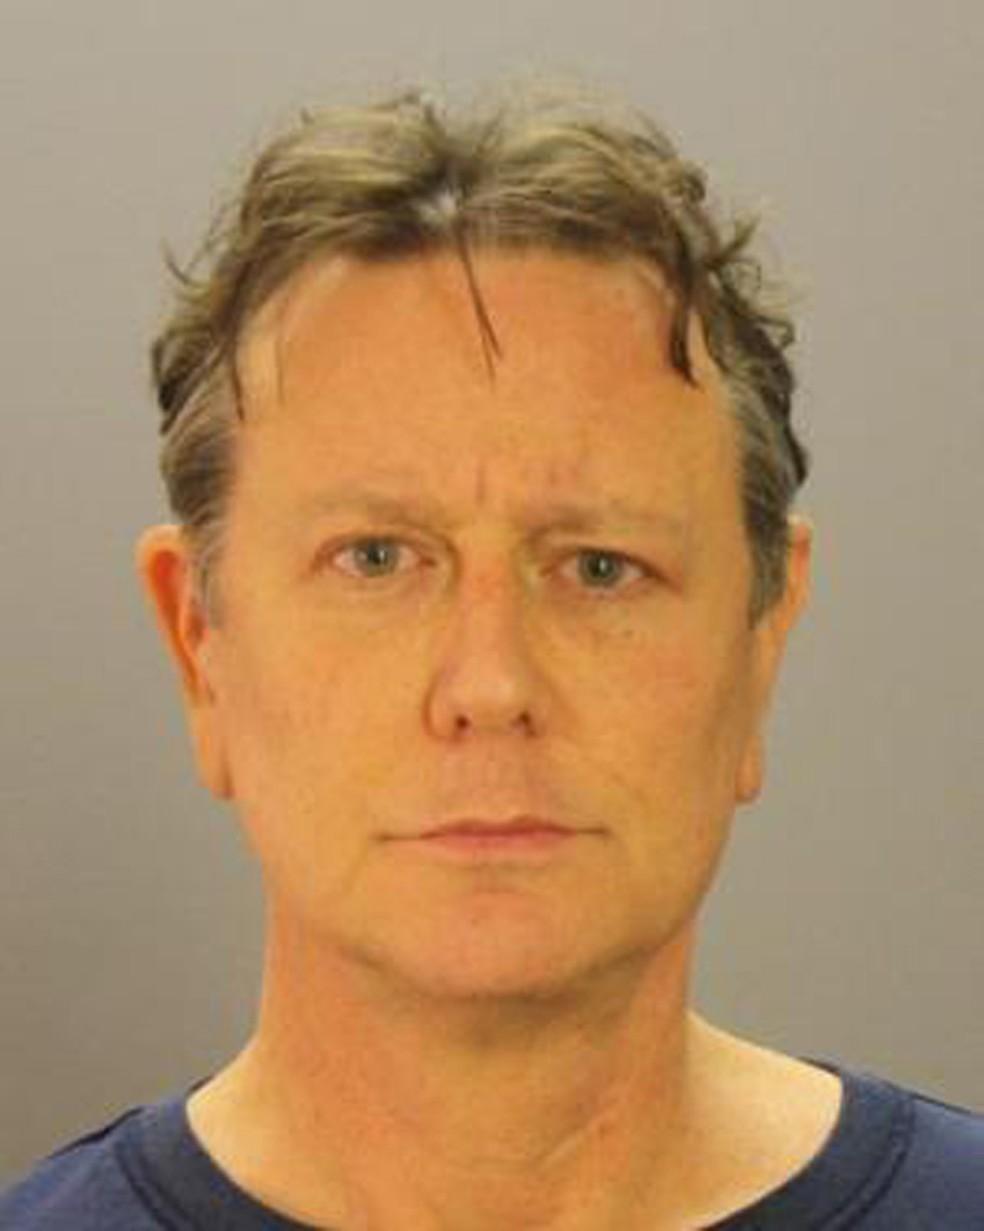 Judge Reinhold em foto não datada divulgada pelo Departamento de Polícia de Dallas (Foto: Dallas County Sheriff's Department via AP)